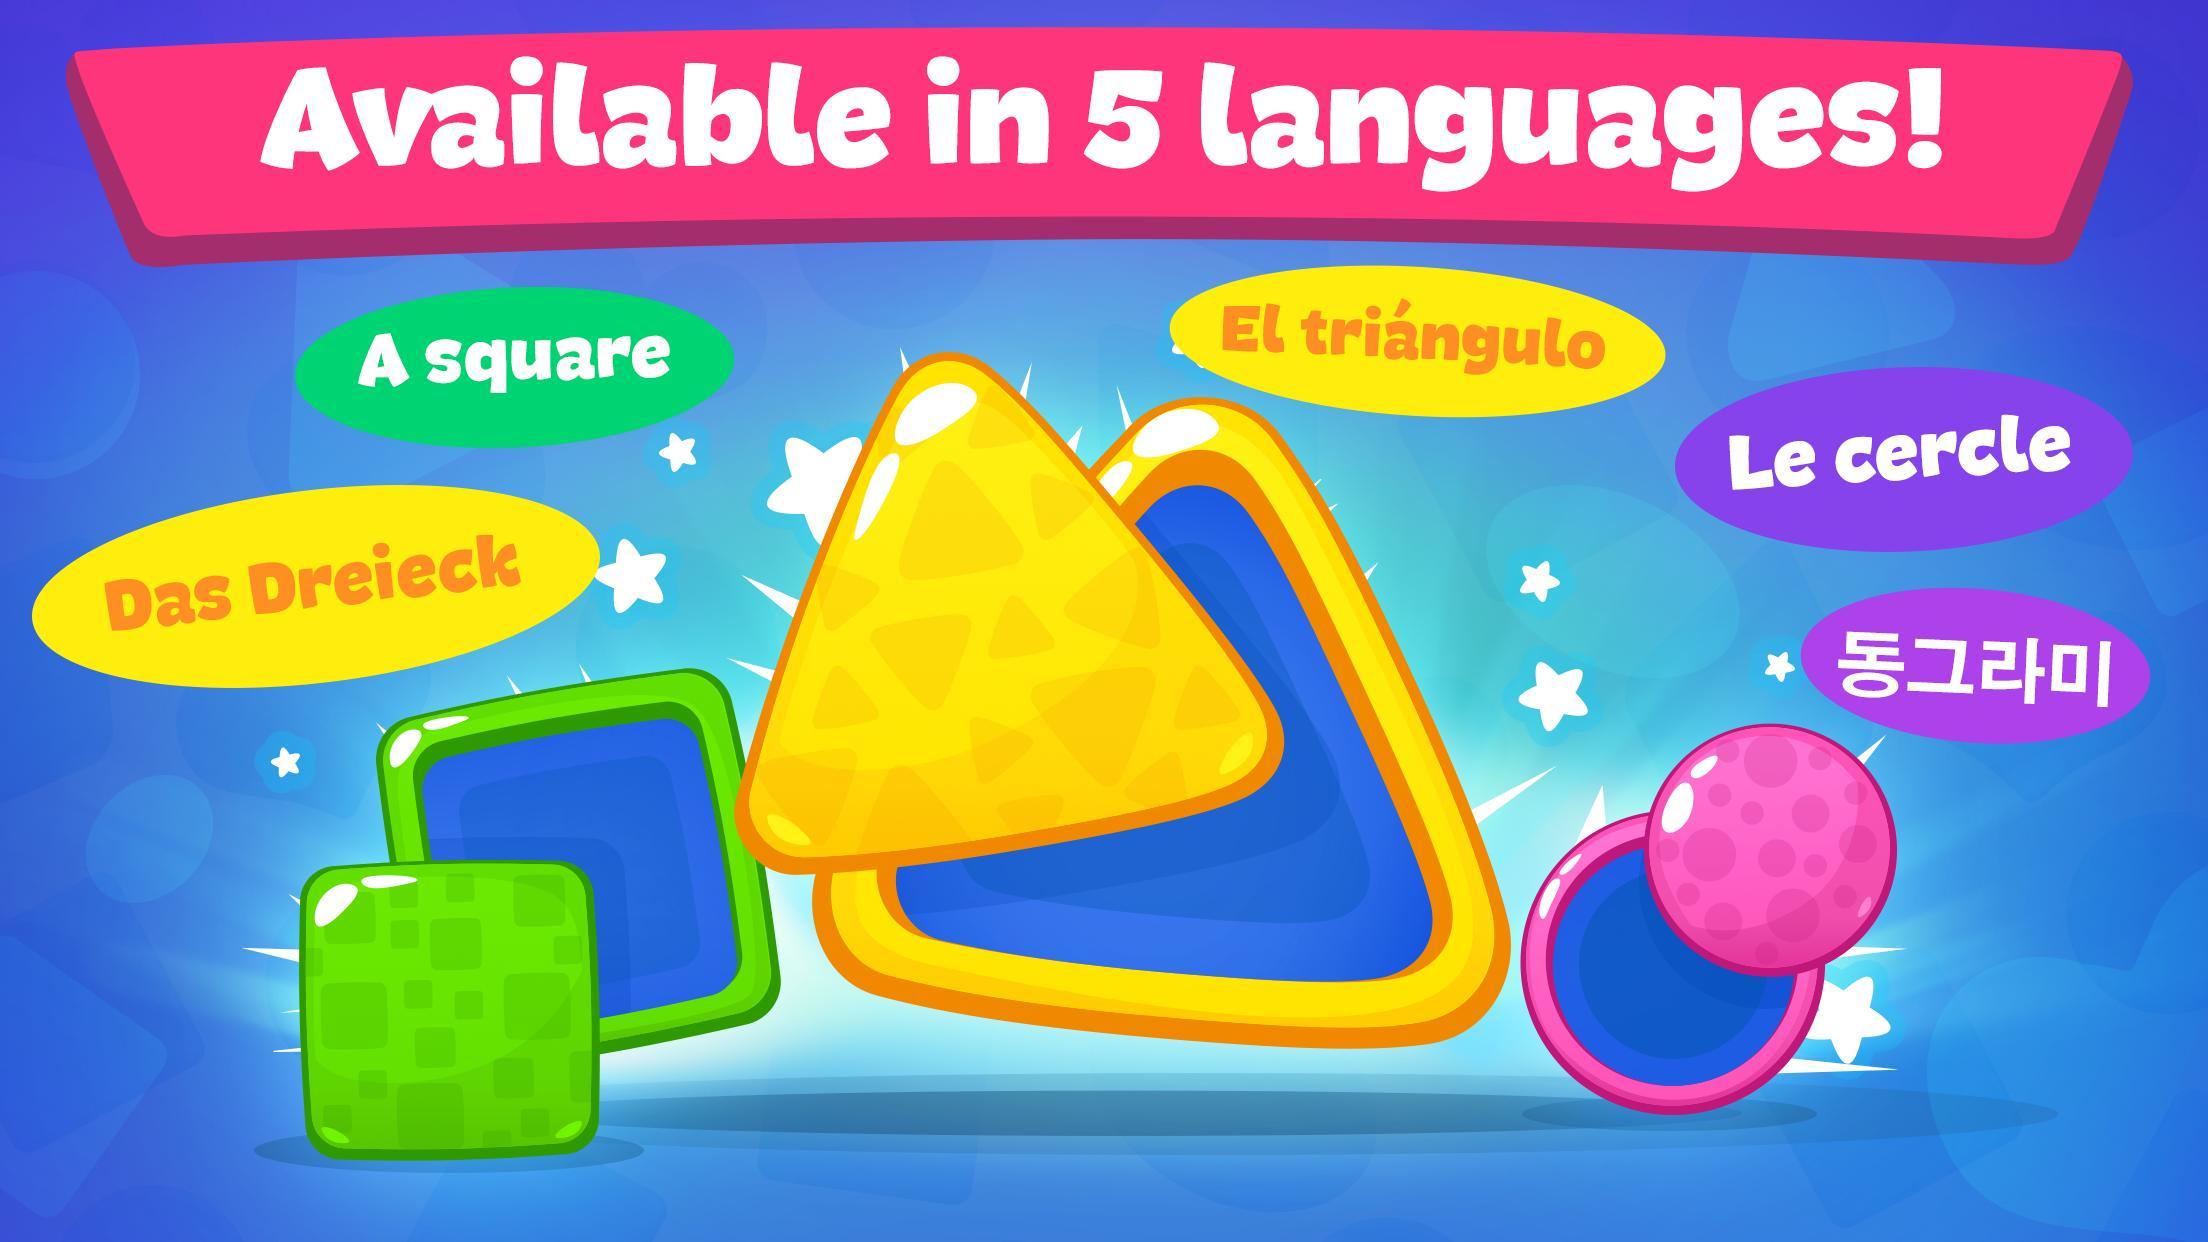 Jeux De Formes Et Couleurs Pour Enfants 2 5 Ans Pour Android encequiconcerne Jeux Pour 3 5 Ans